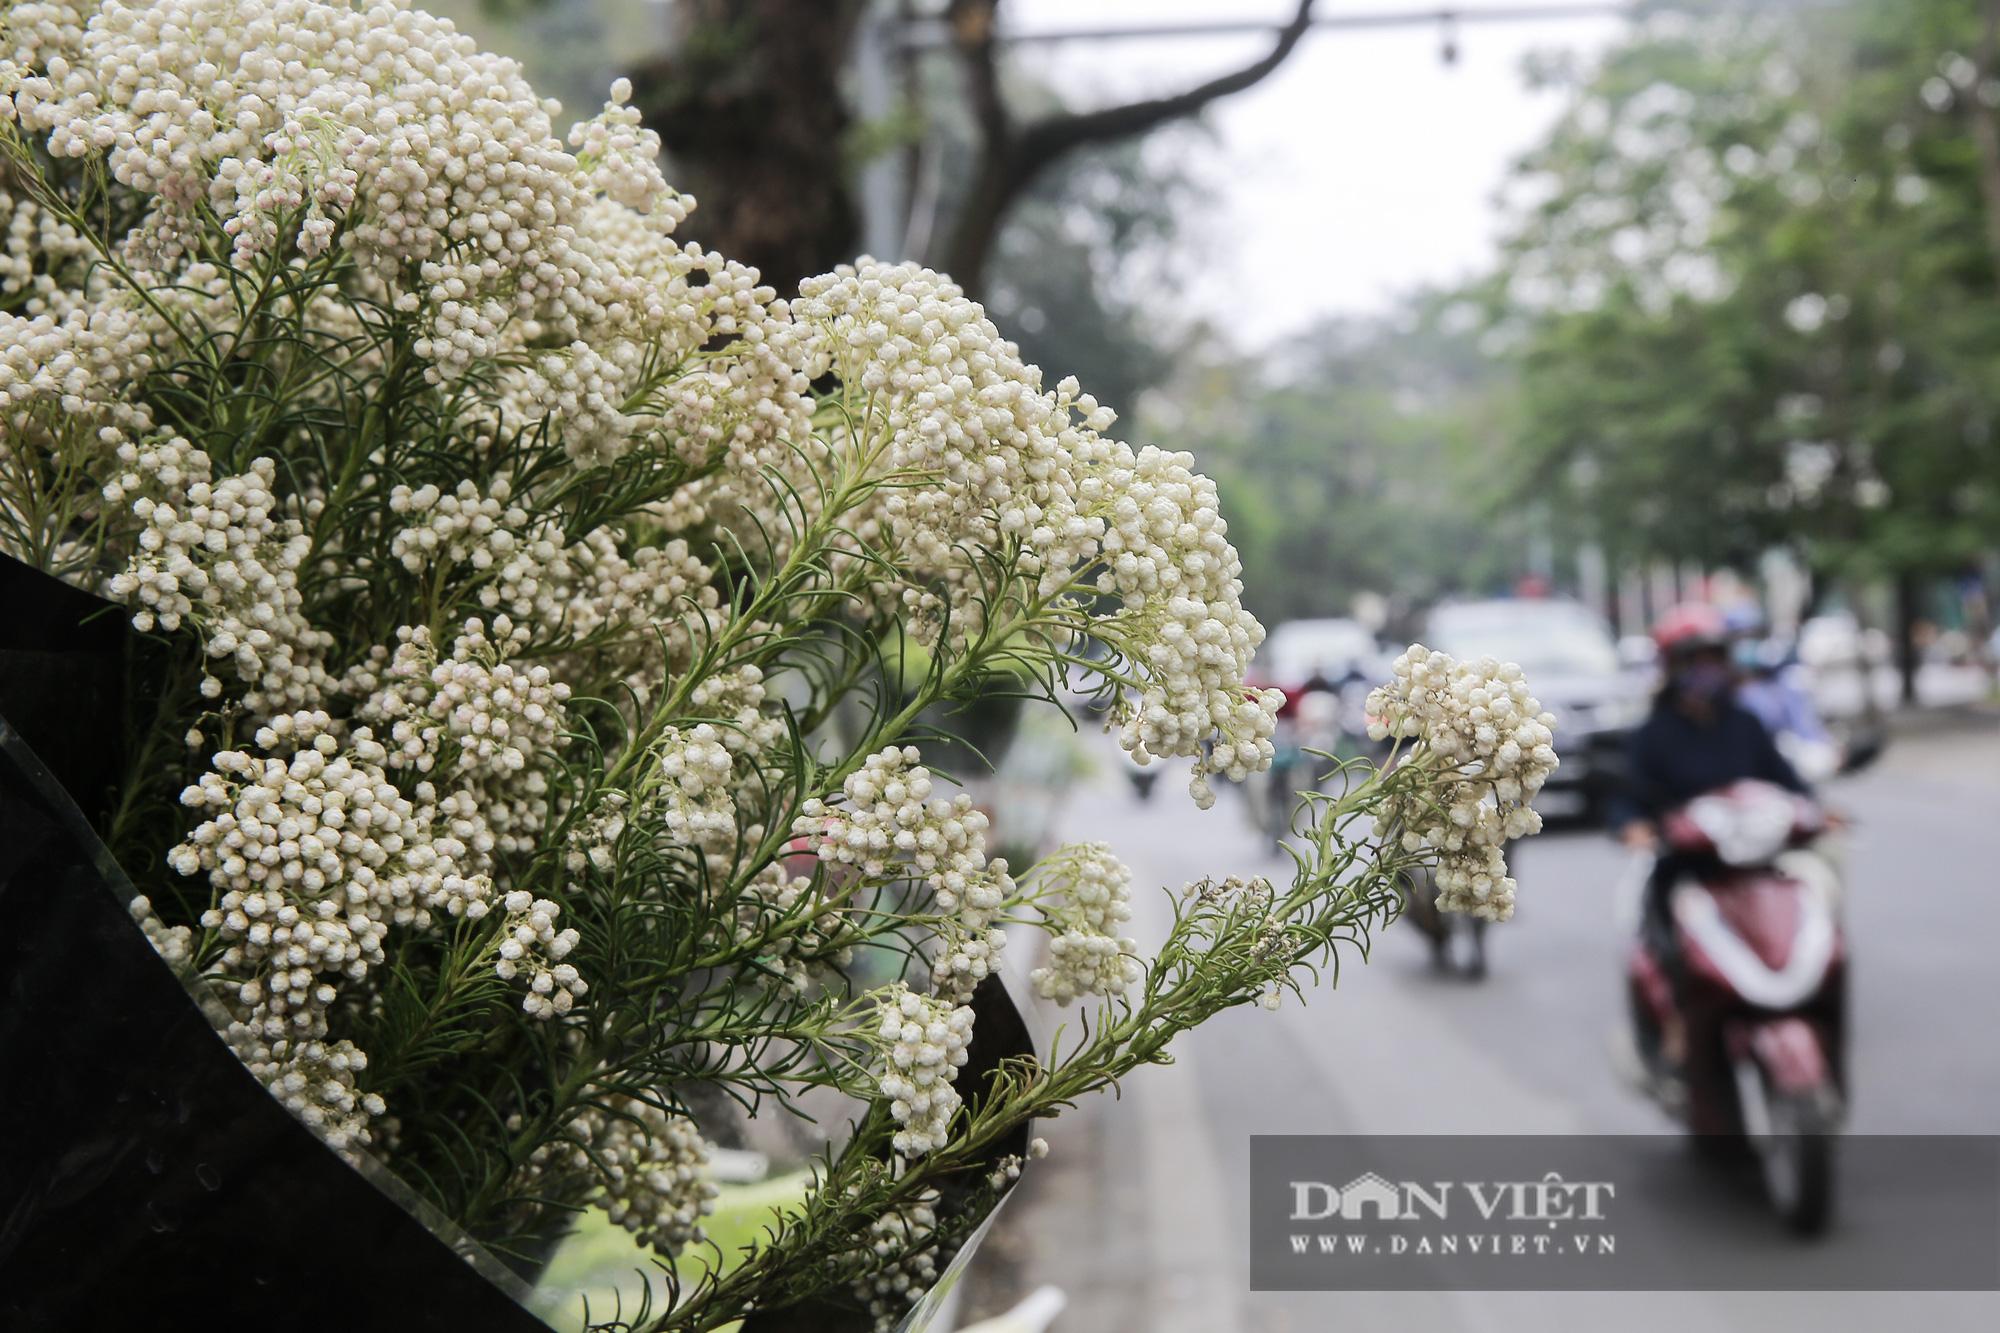 Người Hà Nội phát sốt với loài hoa nhập ngoại mới - Ảnh 1.